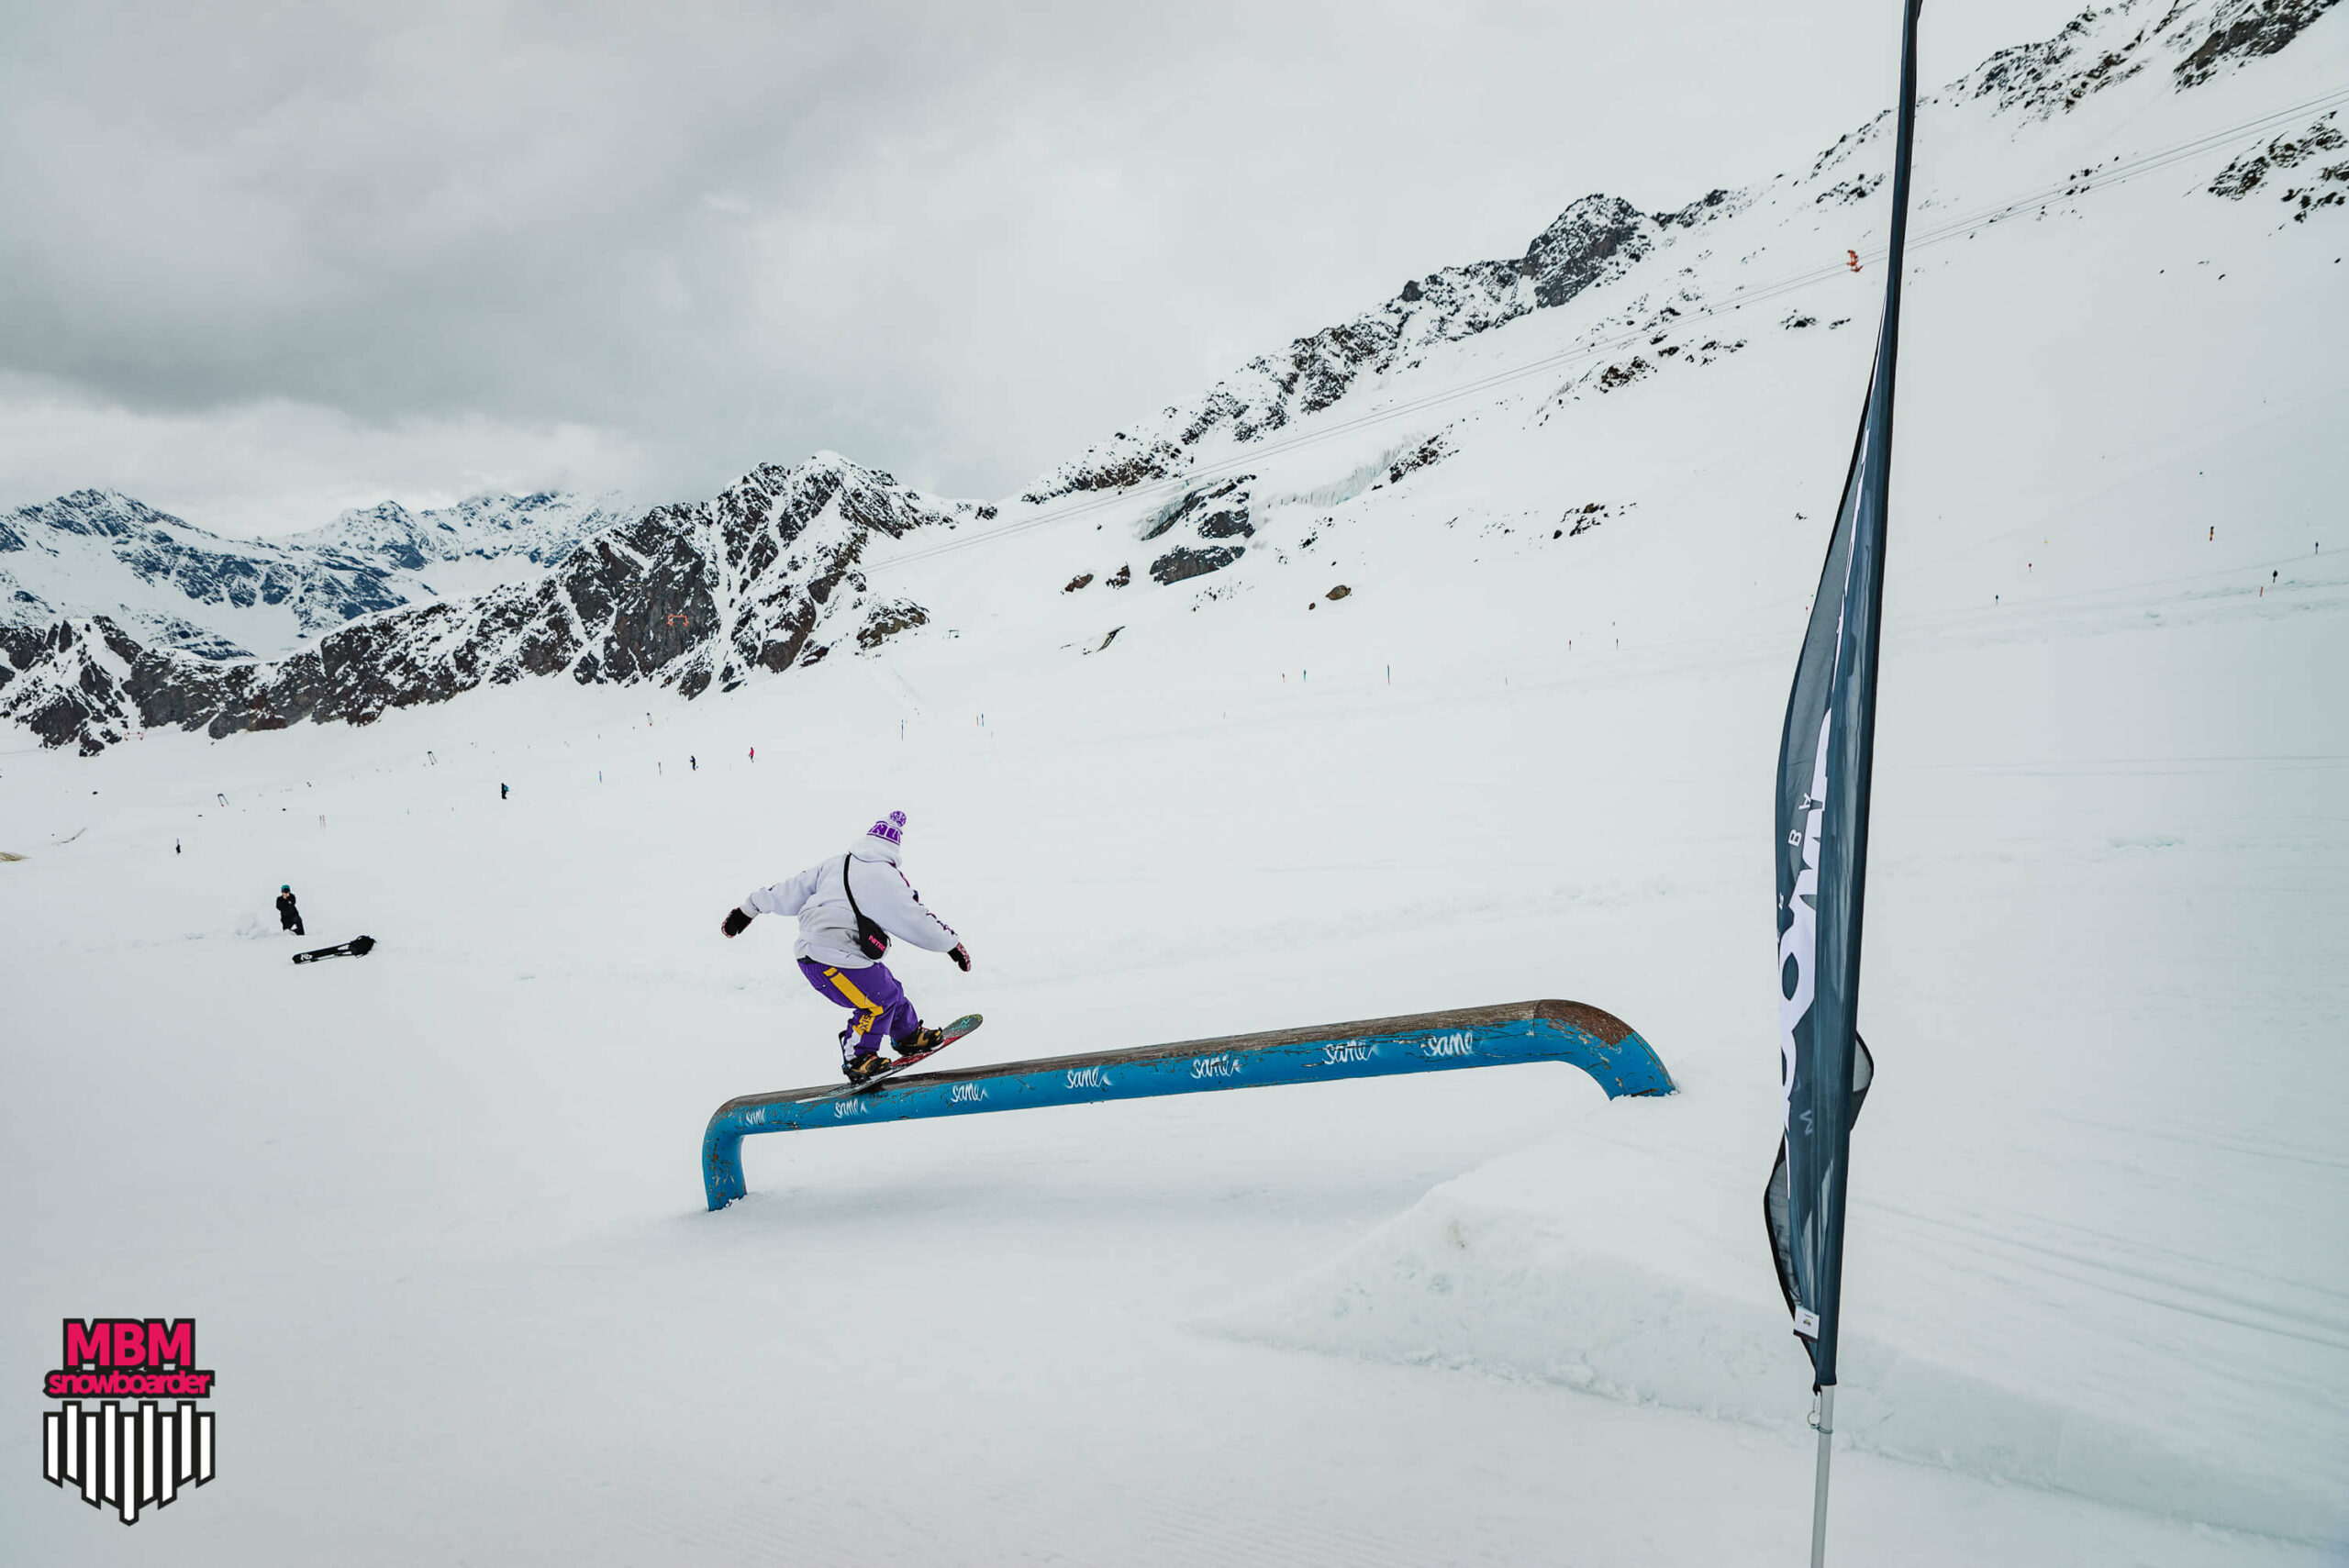 snowboarderMBM_sd_kaunertal_035